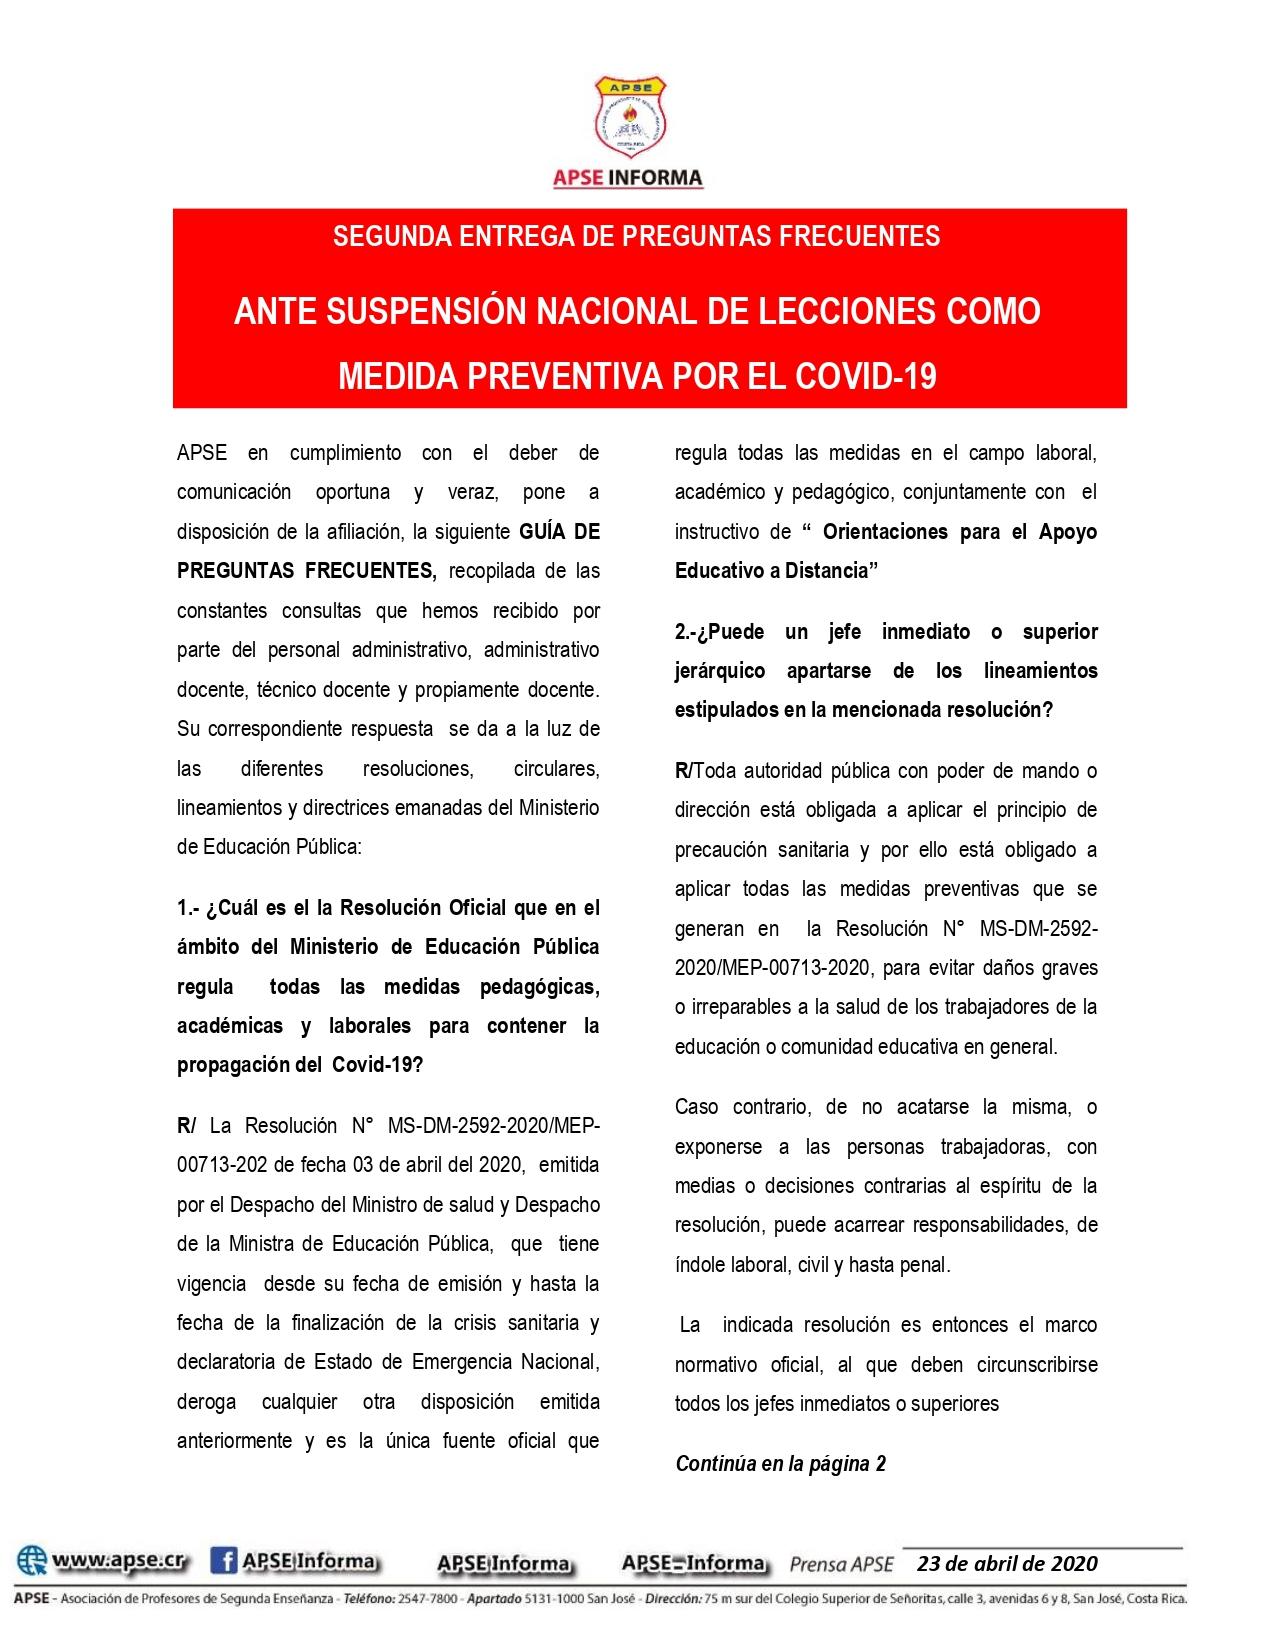 SEGUNDA ENTREGA DE PREGUNTAS FRECUENTES – ANTE SUSPENSIÓN NACIONAL DE LECCIONES COMO MEDIDA PREVENTIVA POR EL COVID-19